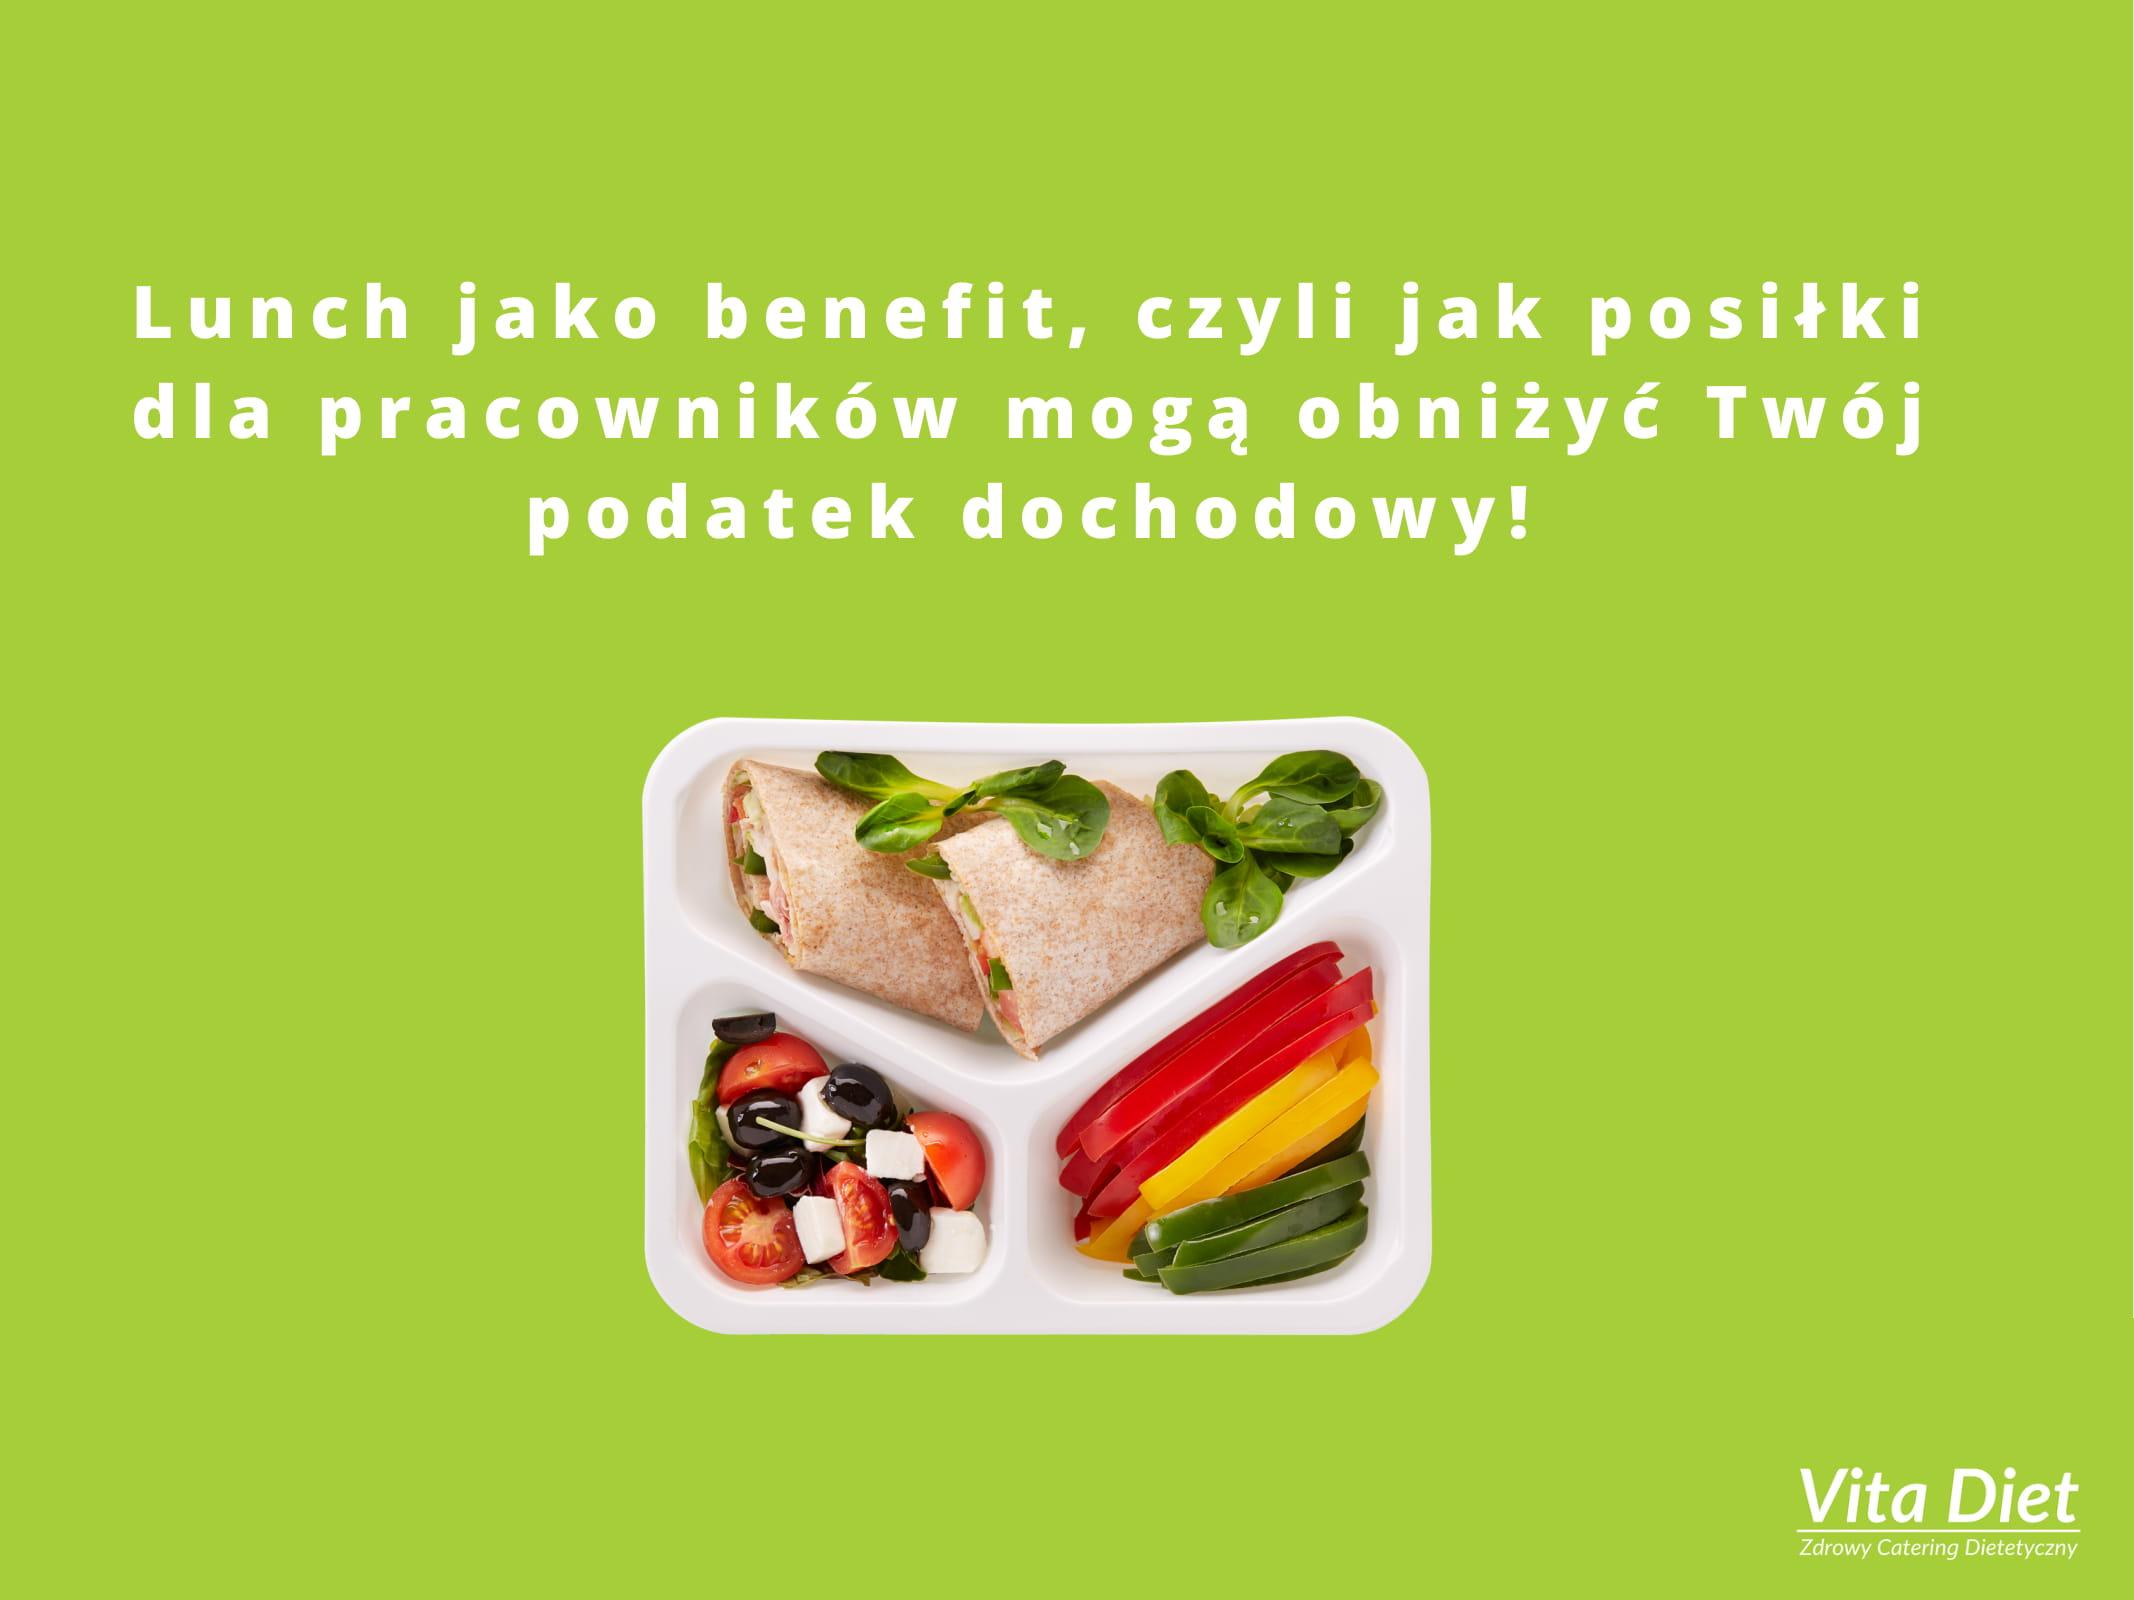 Zdrowy Catering Dietetyczny Dla Firm Oraz Osob Prywatnych